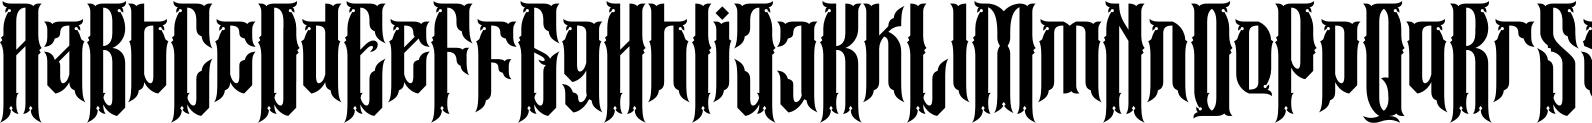 Buyanbengak